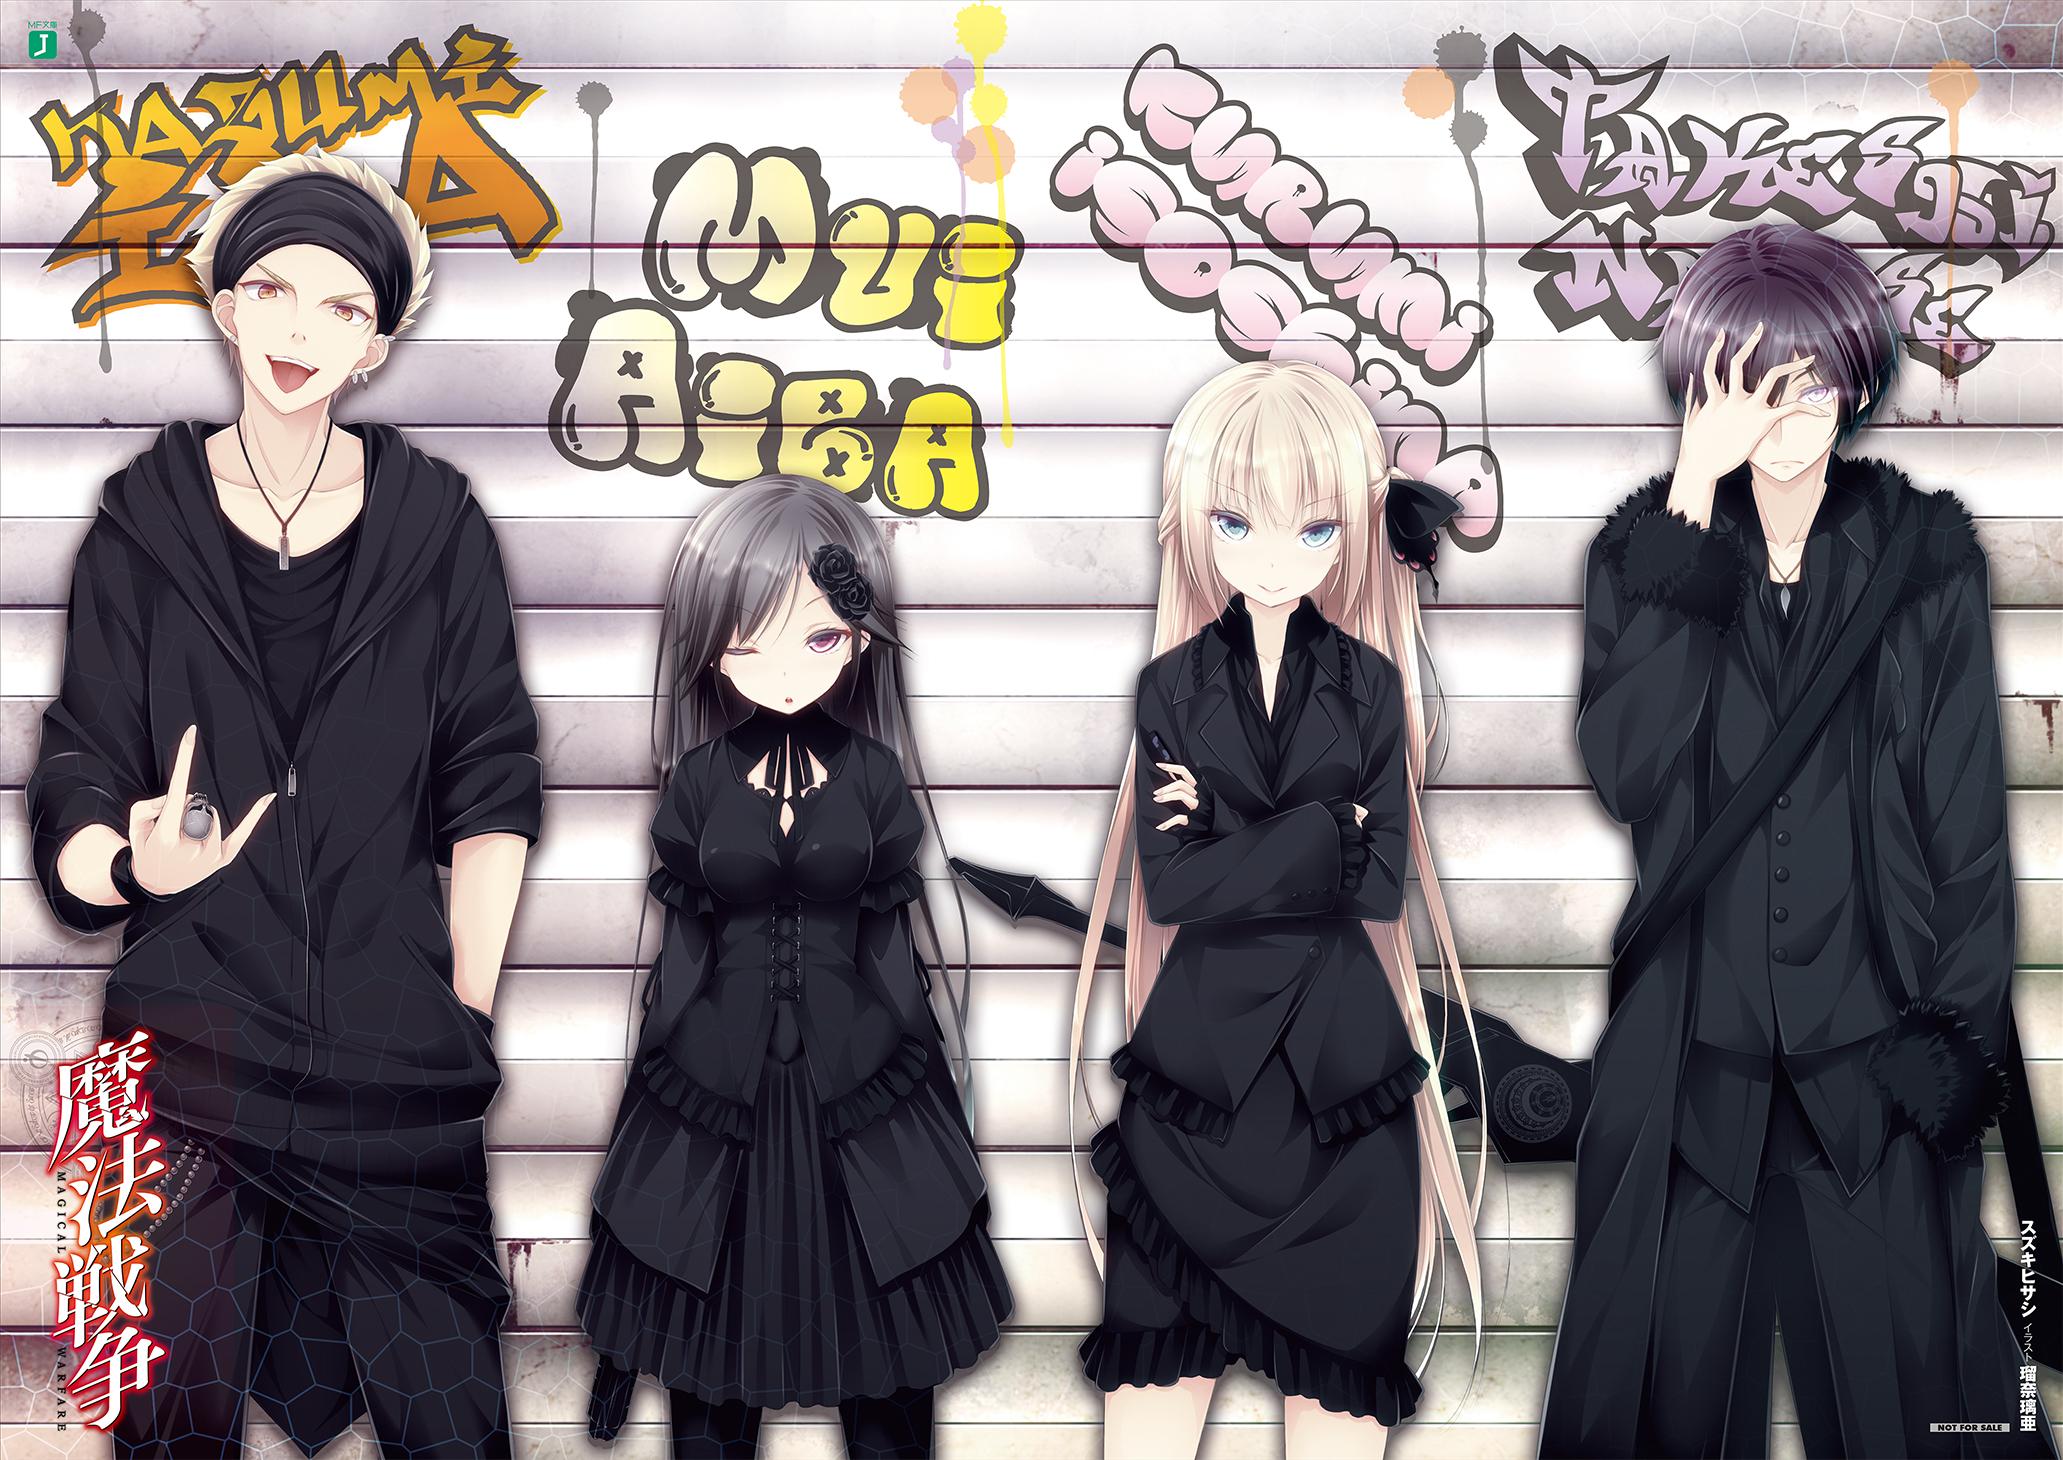 魔法戦争 1月12日 日 秋葉原でポスター配布会を開催 Tvアニメ放送